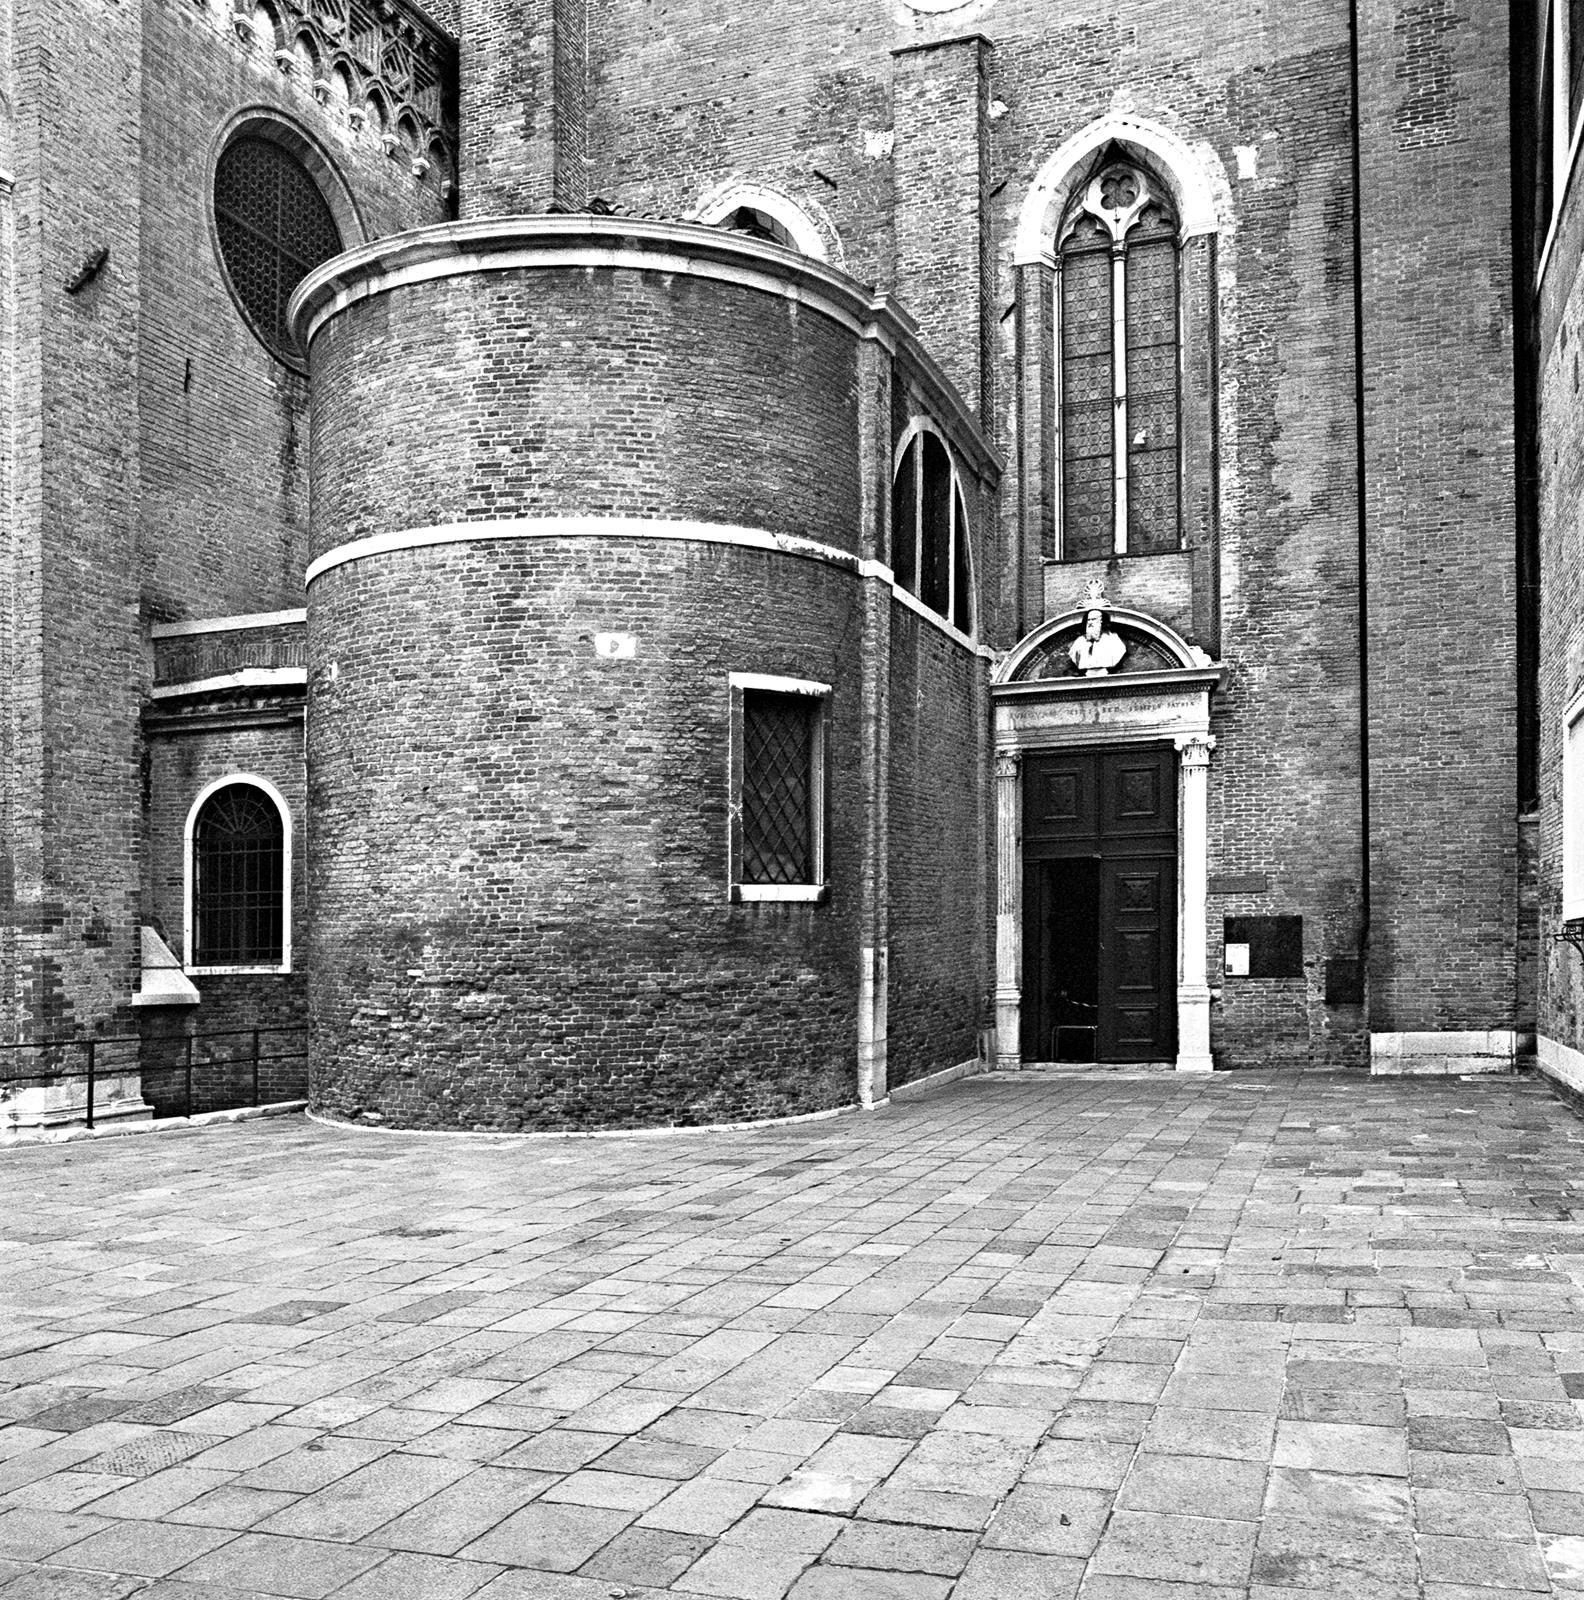 Venice-r11-003.jpg